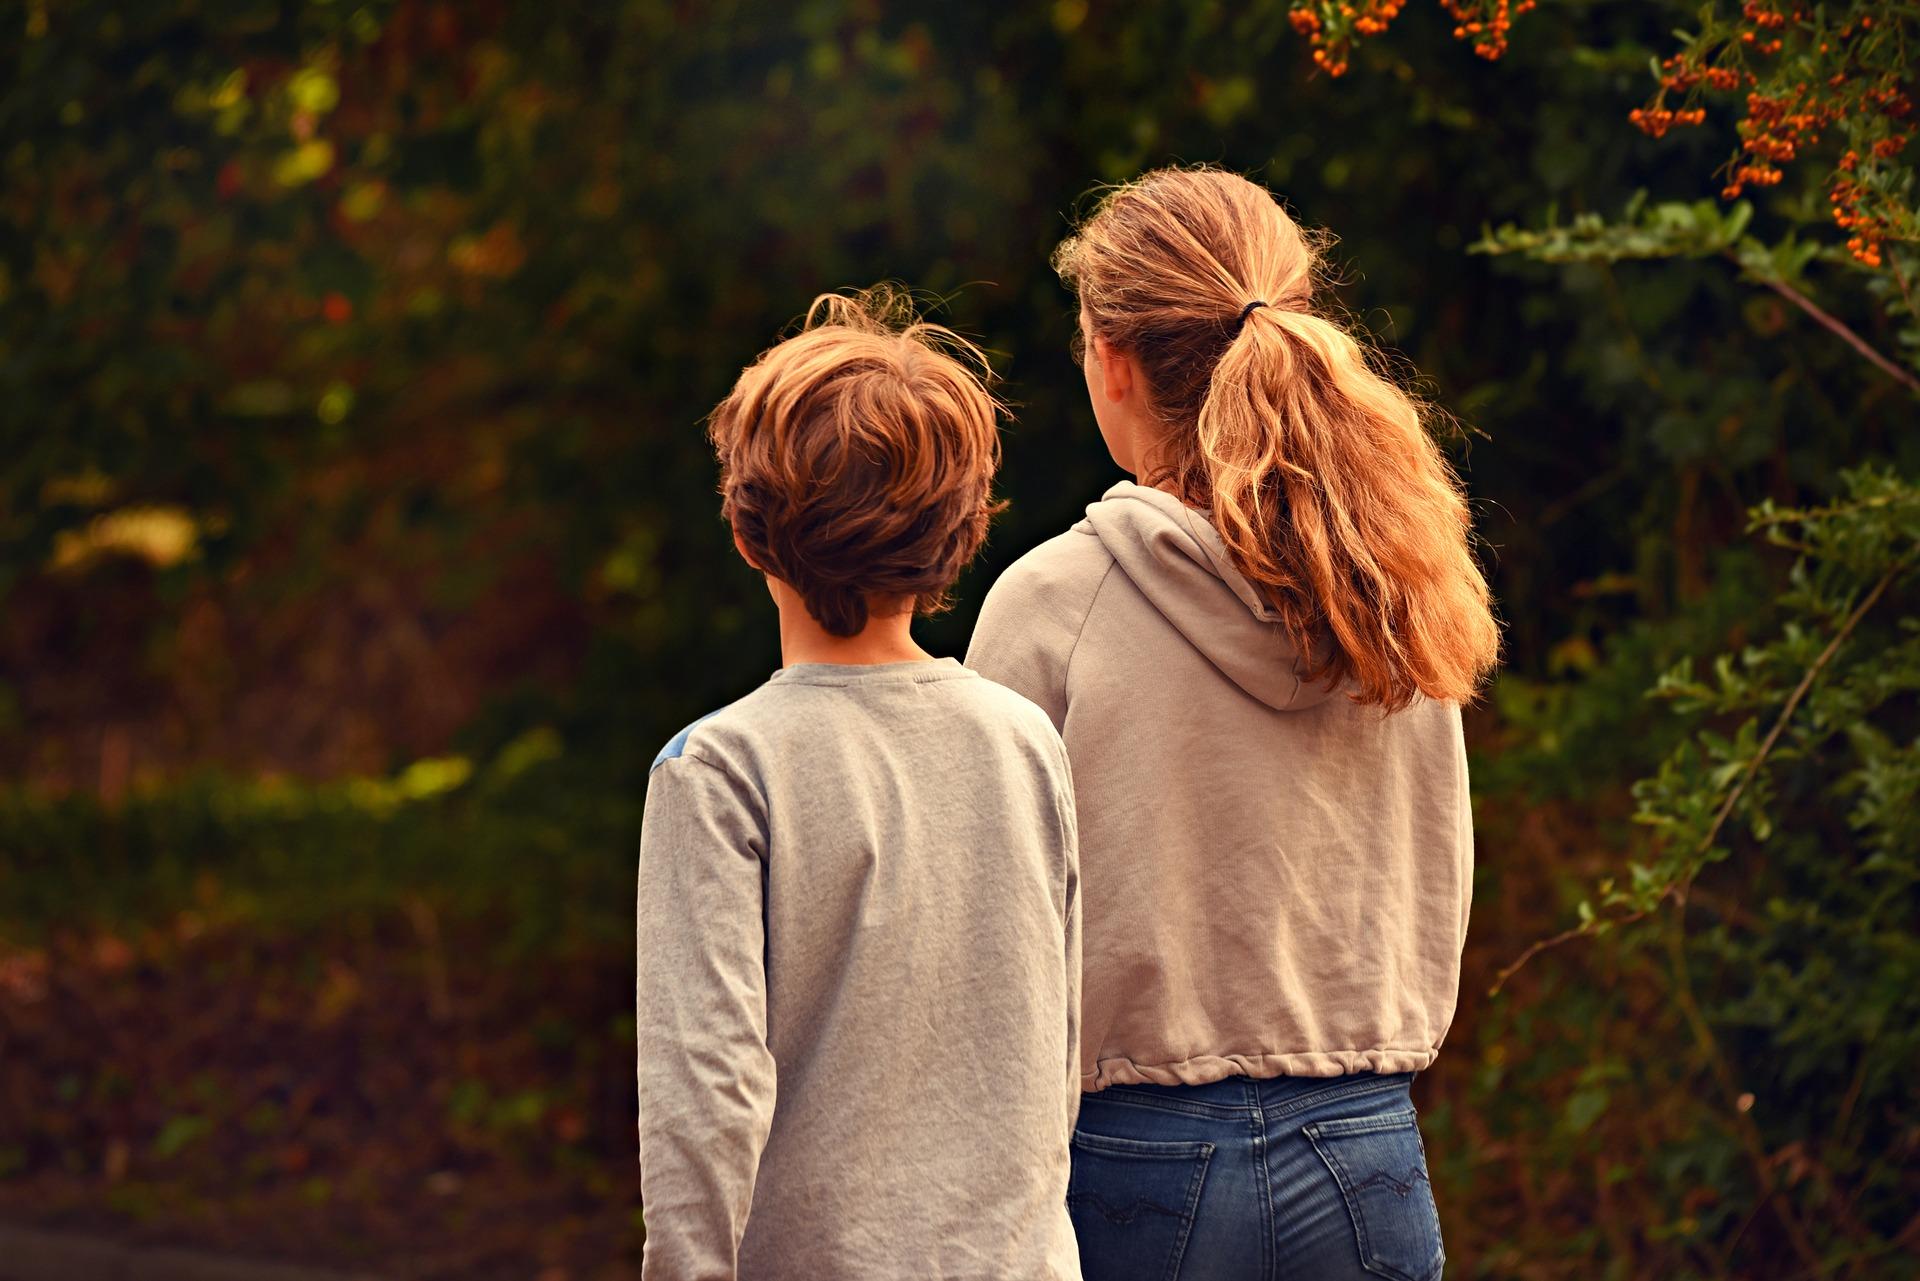 problemas psicológicos más comunes en la infancia